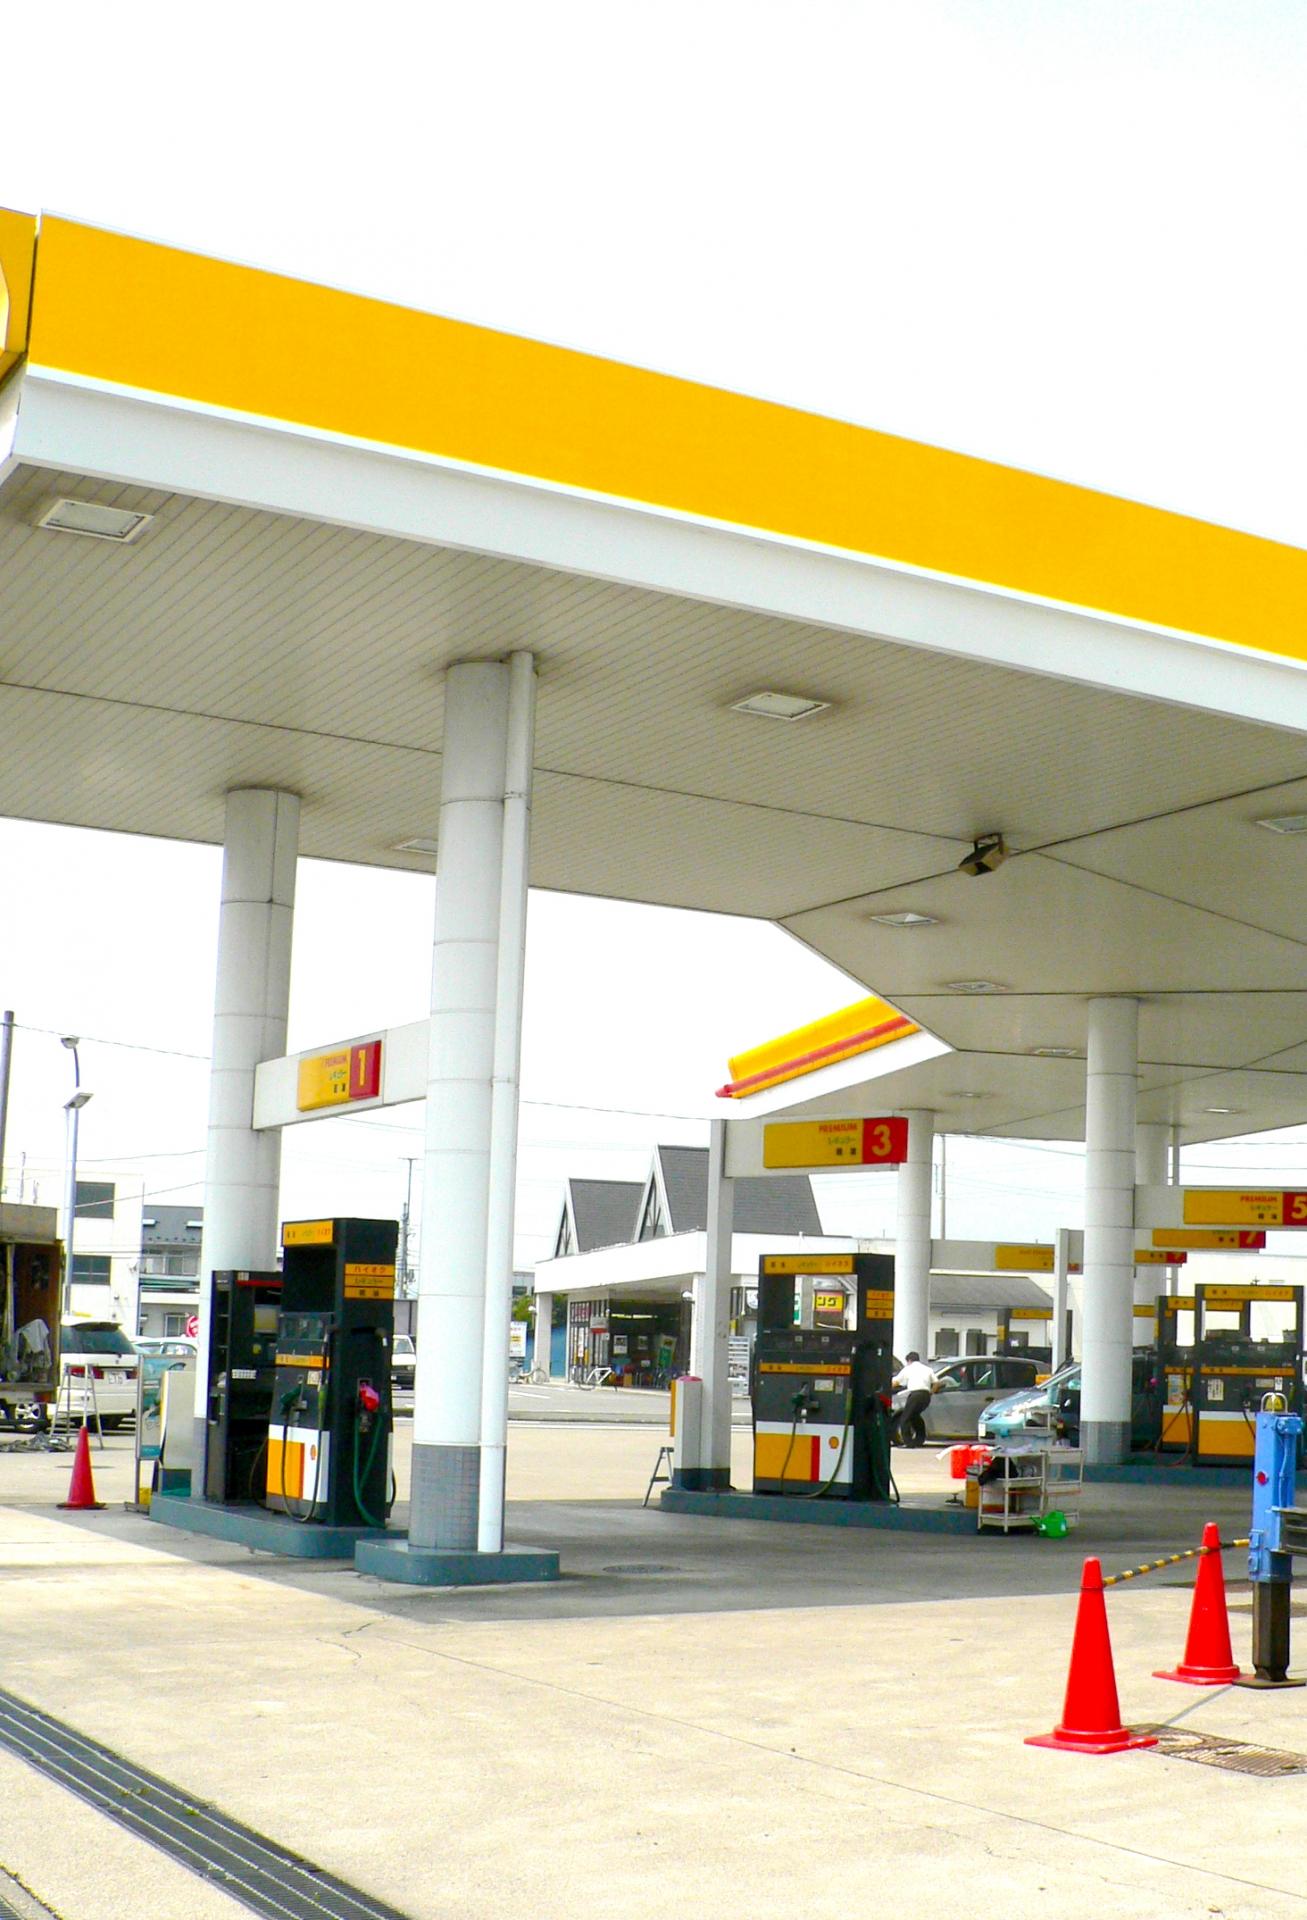 千葉県ってガソリン安いの?千葉県のスタンド事情を簡単に纏めました